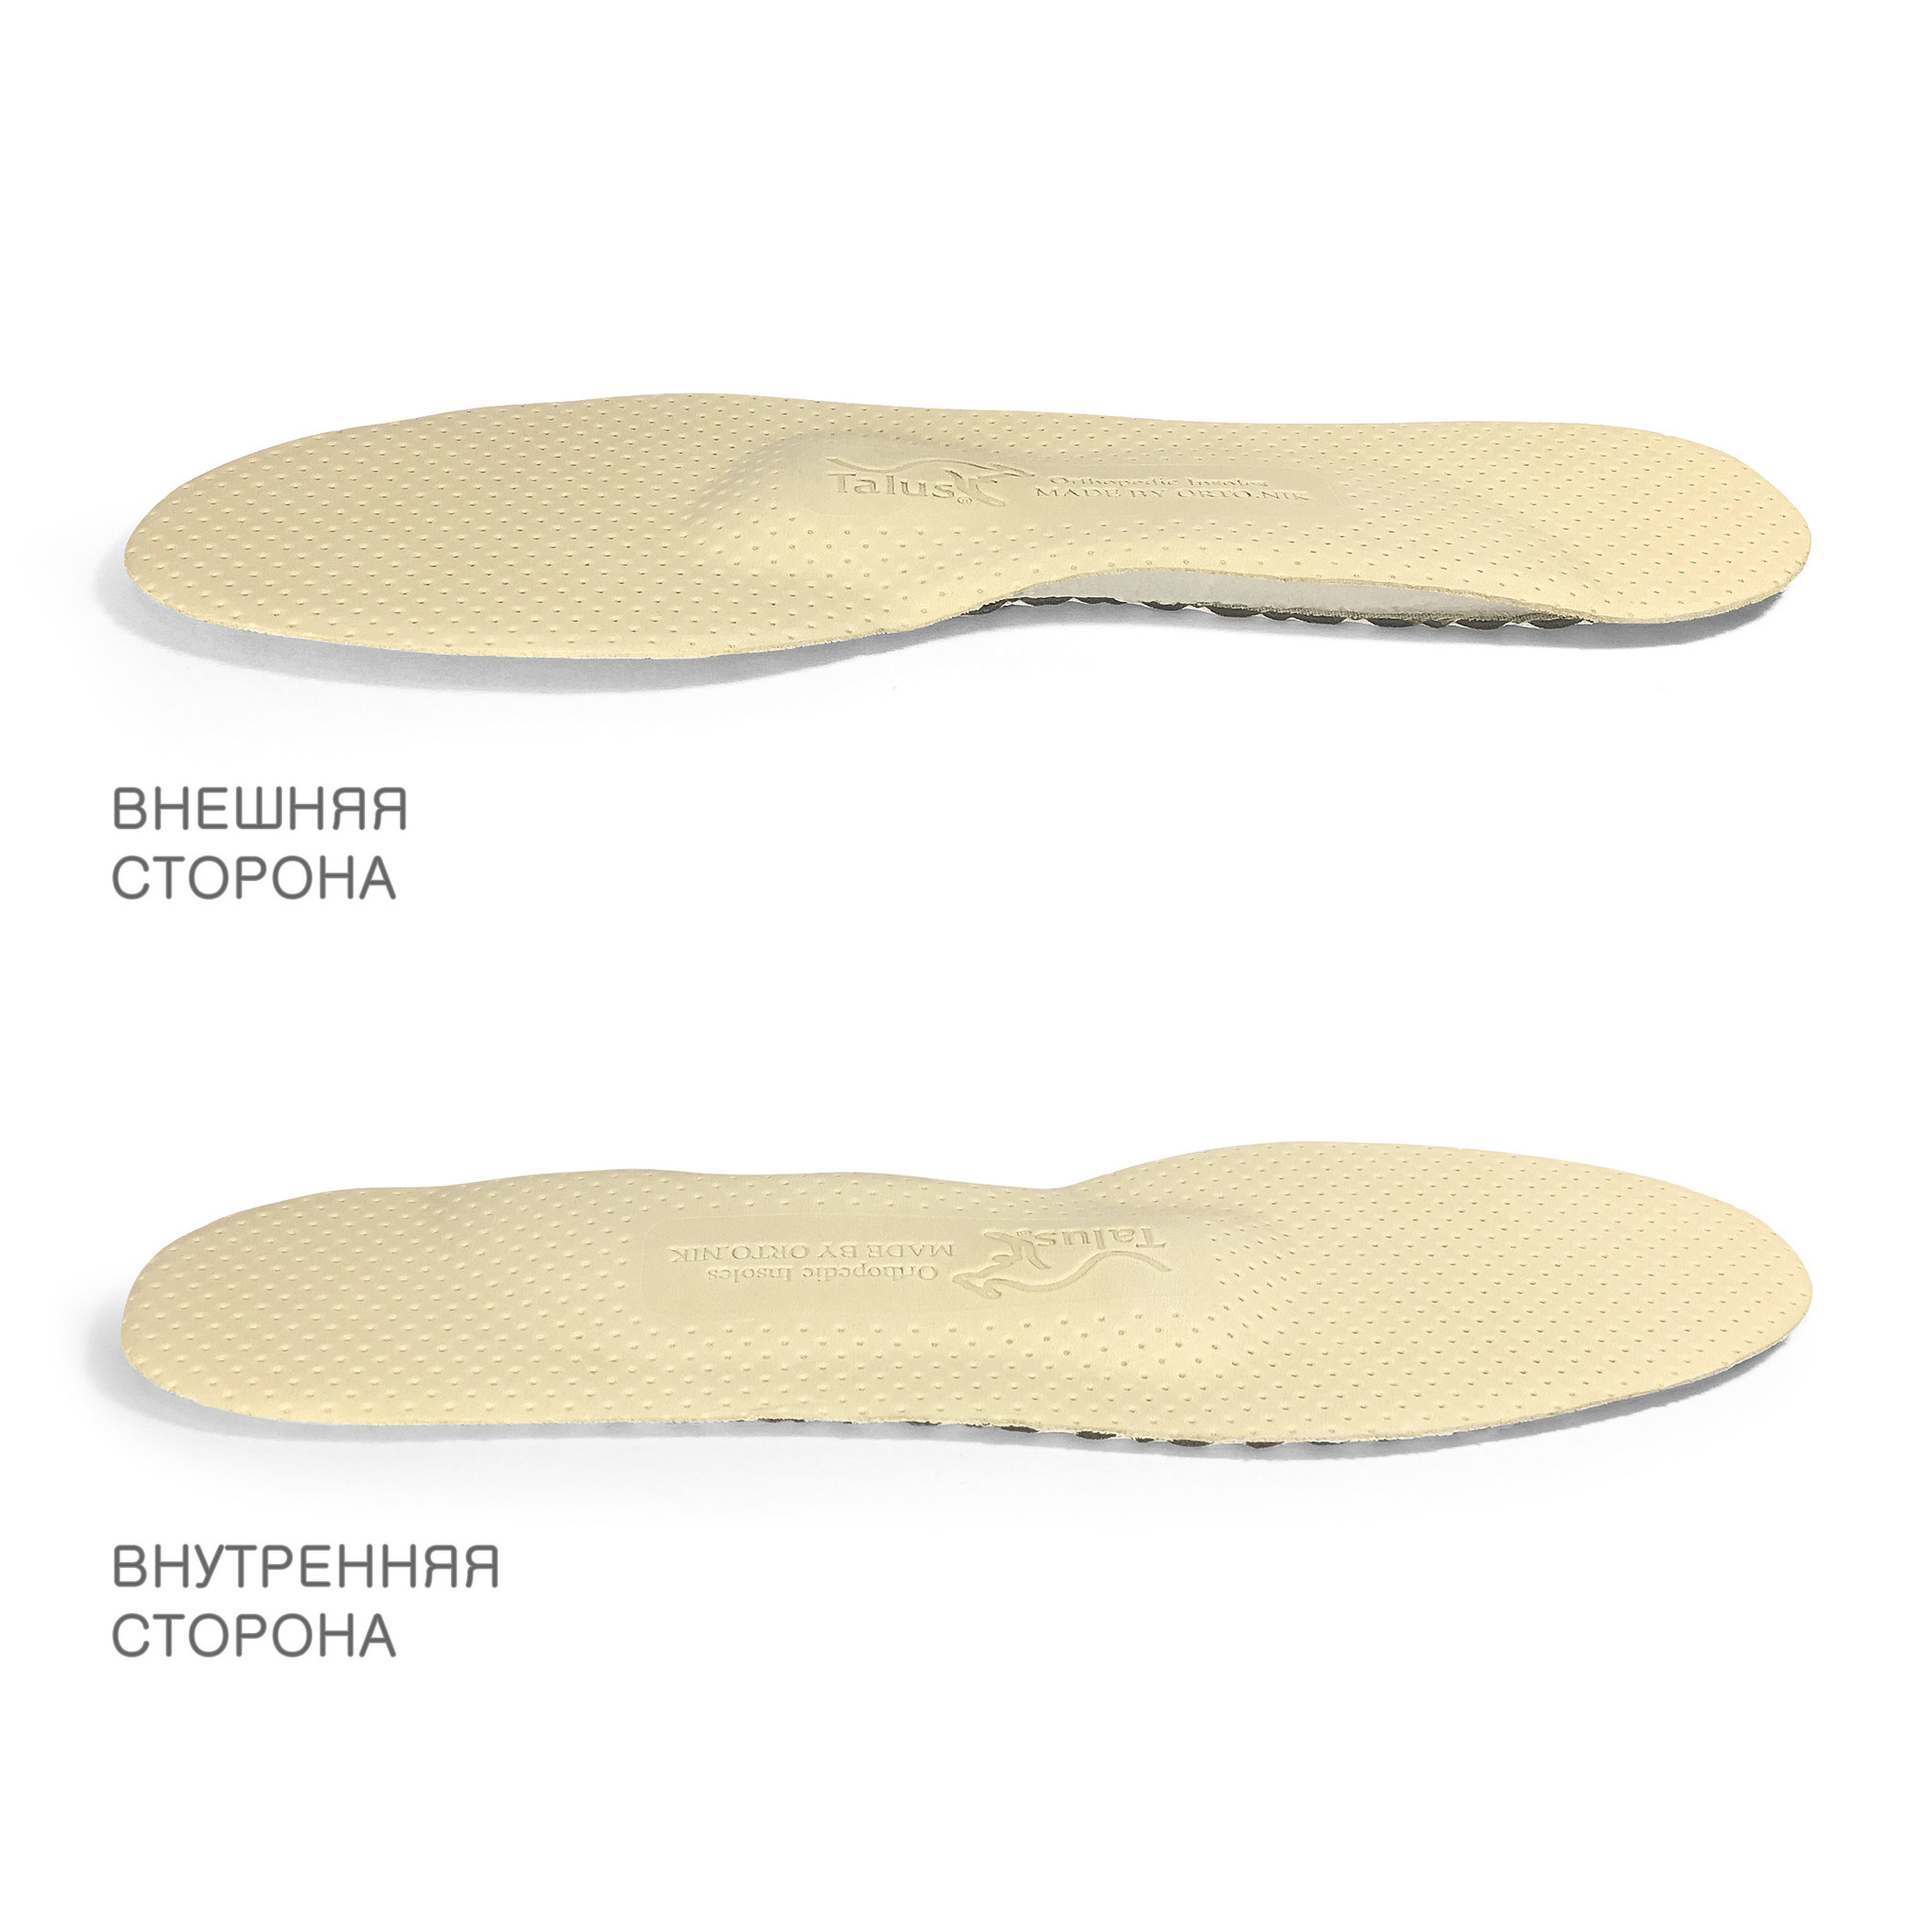 Мягкие орто стельки из натуральной кожи для классической и модельной обуви